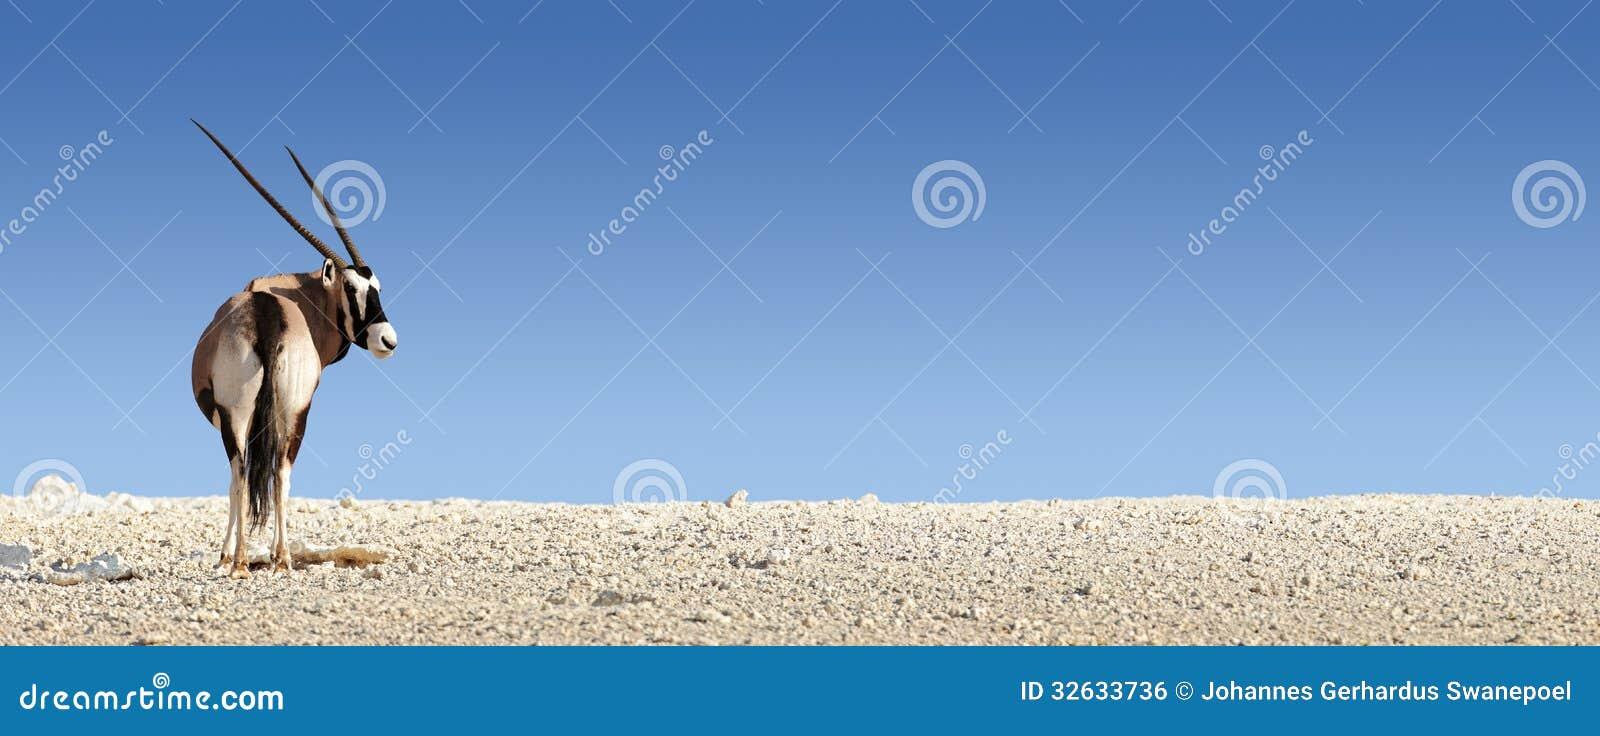 Gemsbok en el suelo rocoso blanco for Suelo 3d blanco